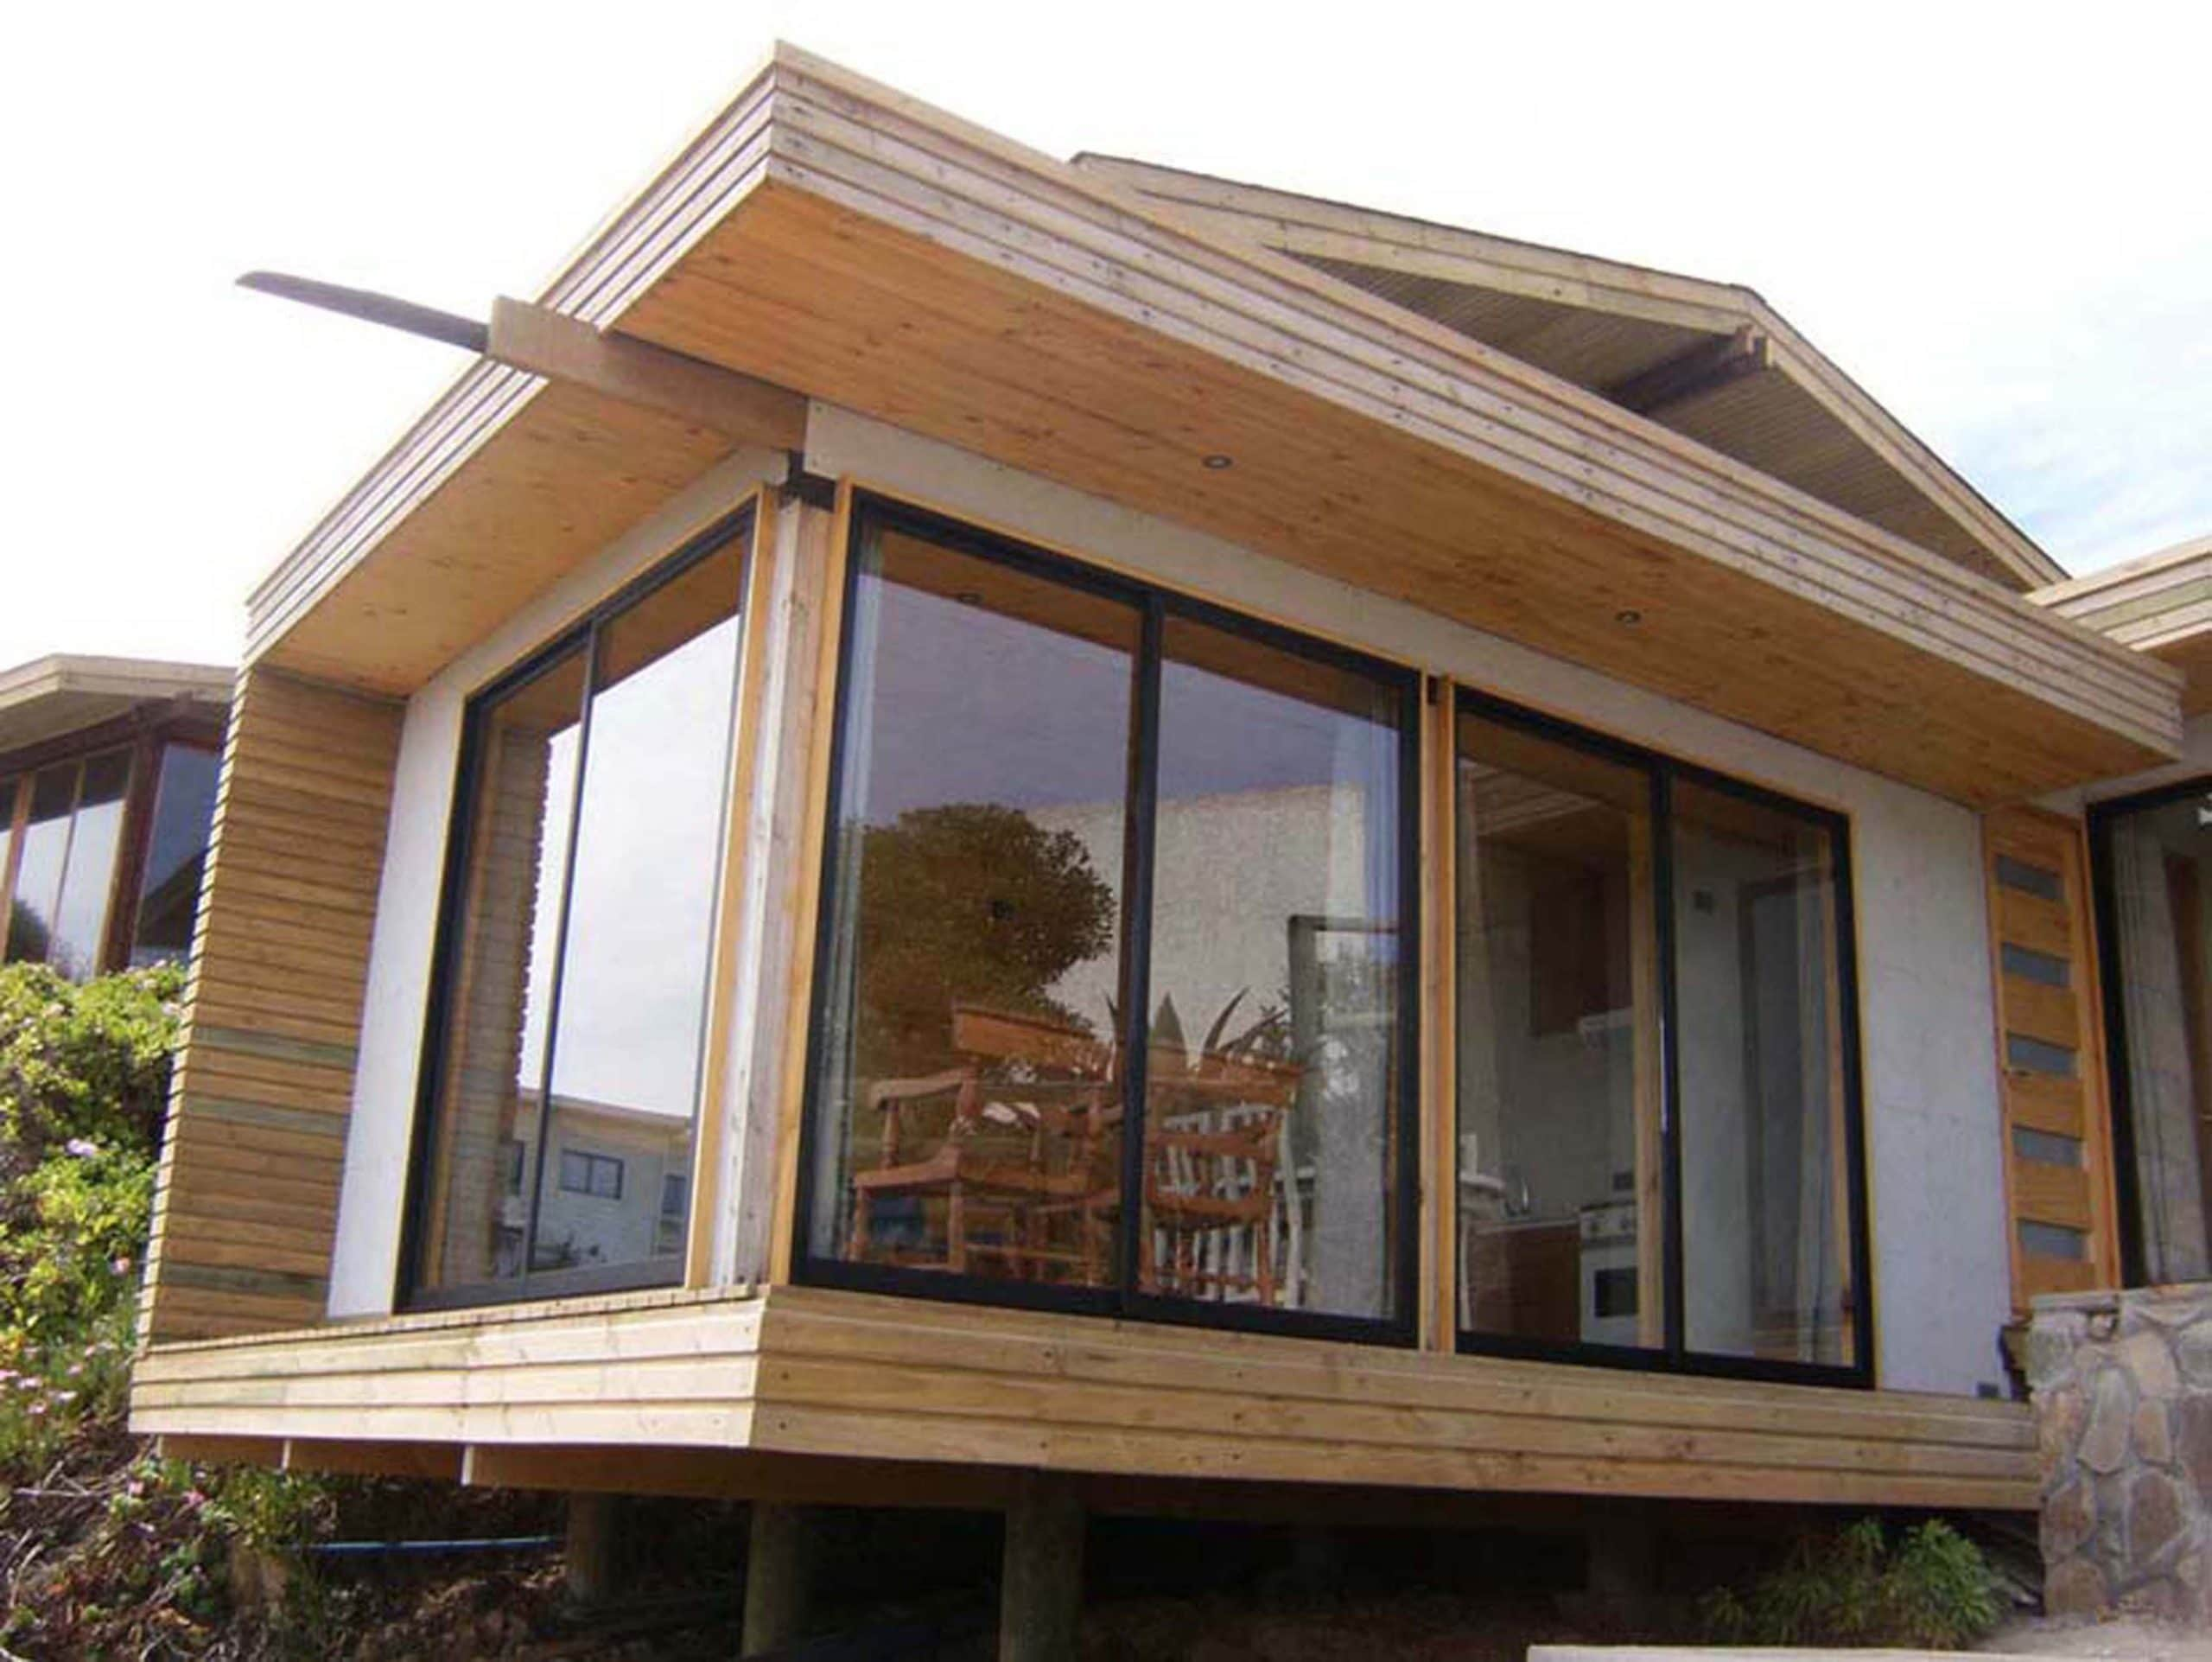 Casas prefabricadas tipo container la 28 images casas - Casas prefabricadas economicas ...